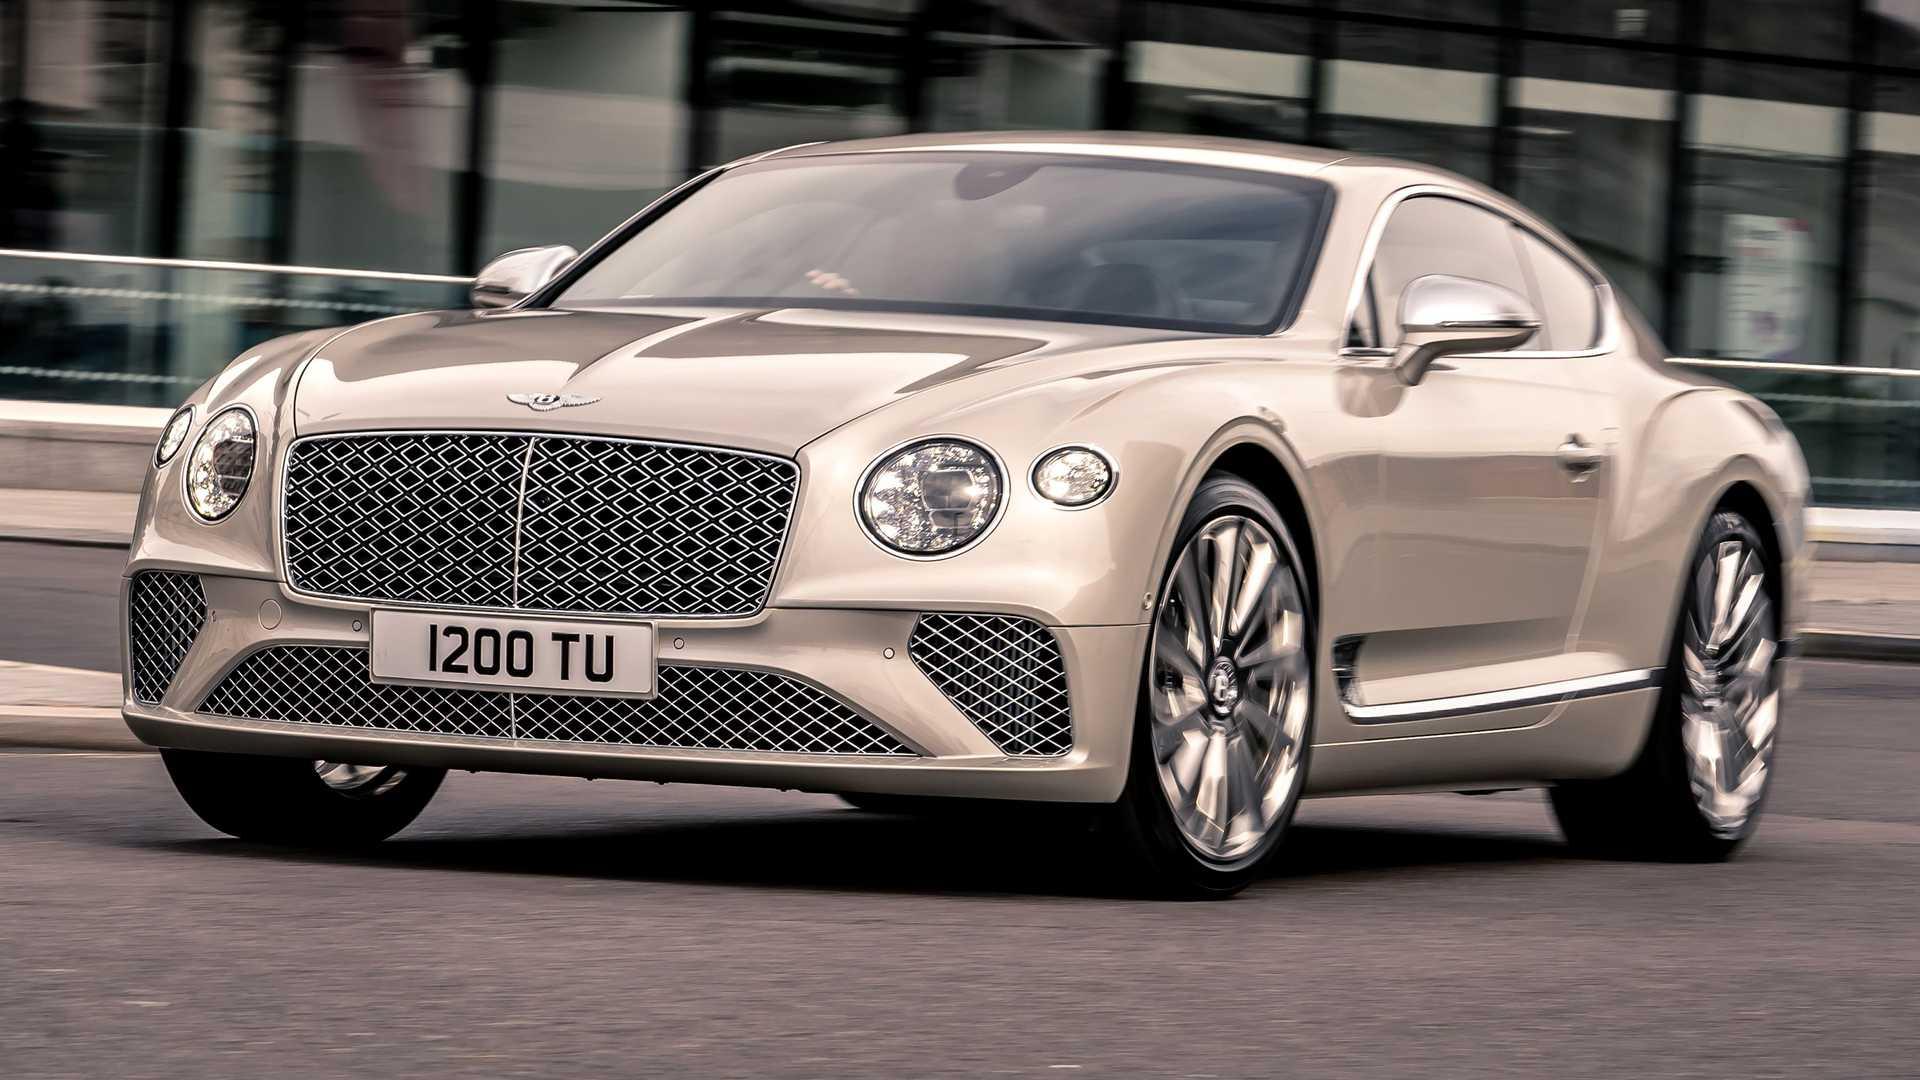 宾利欧陆GT Mulliner Coupe首次亮相豪华豪华旅行车